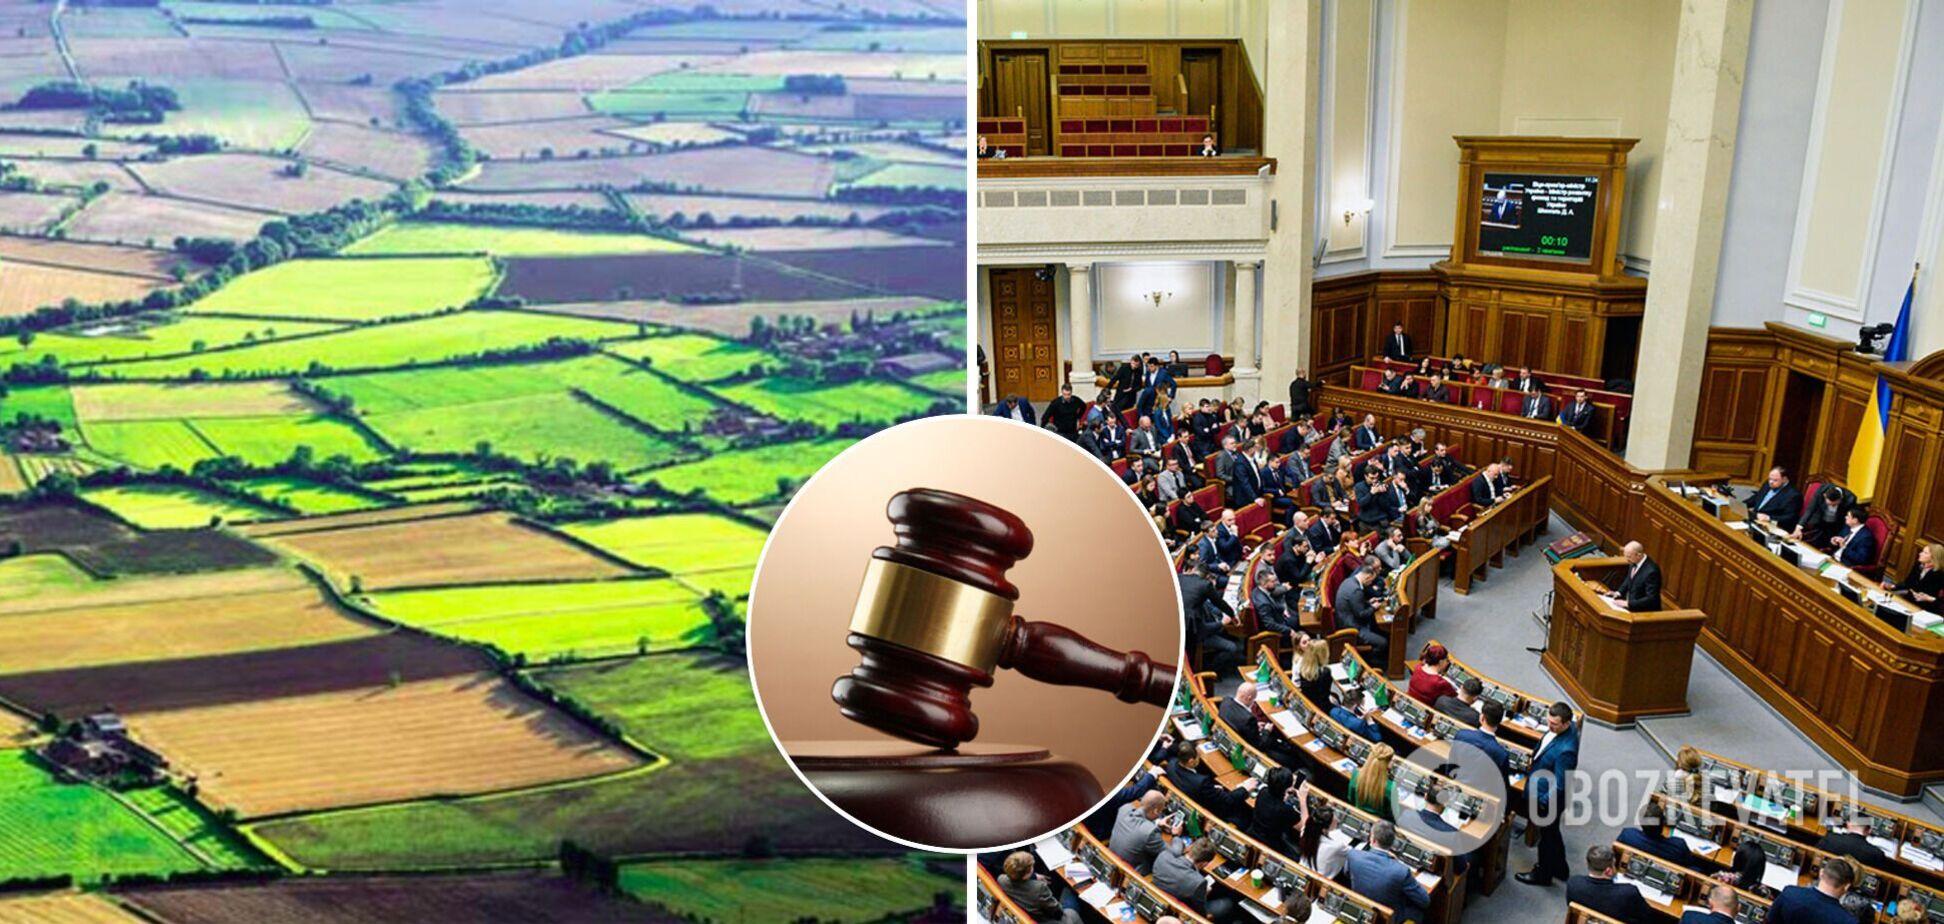 В Україні продаватимуть земельні ділянки на аукціонах: Рада встановила правила